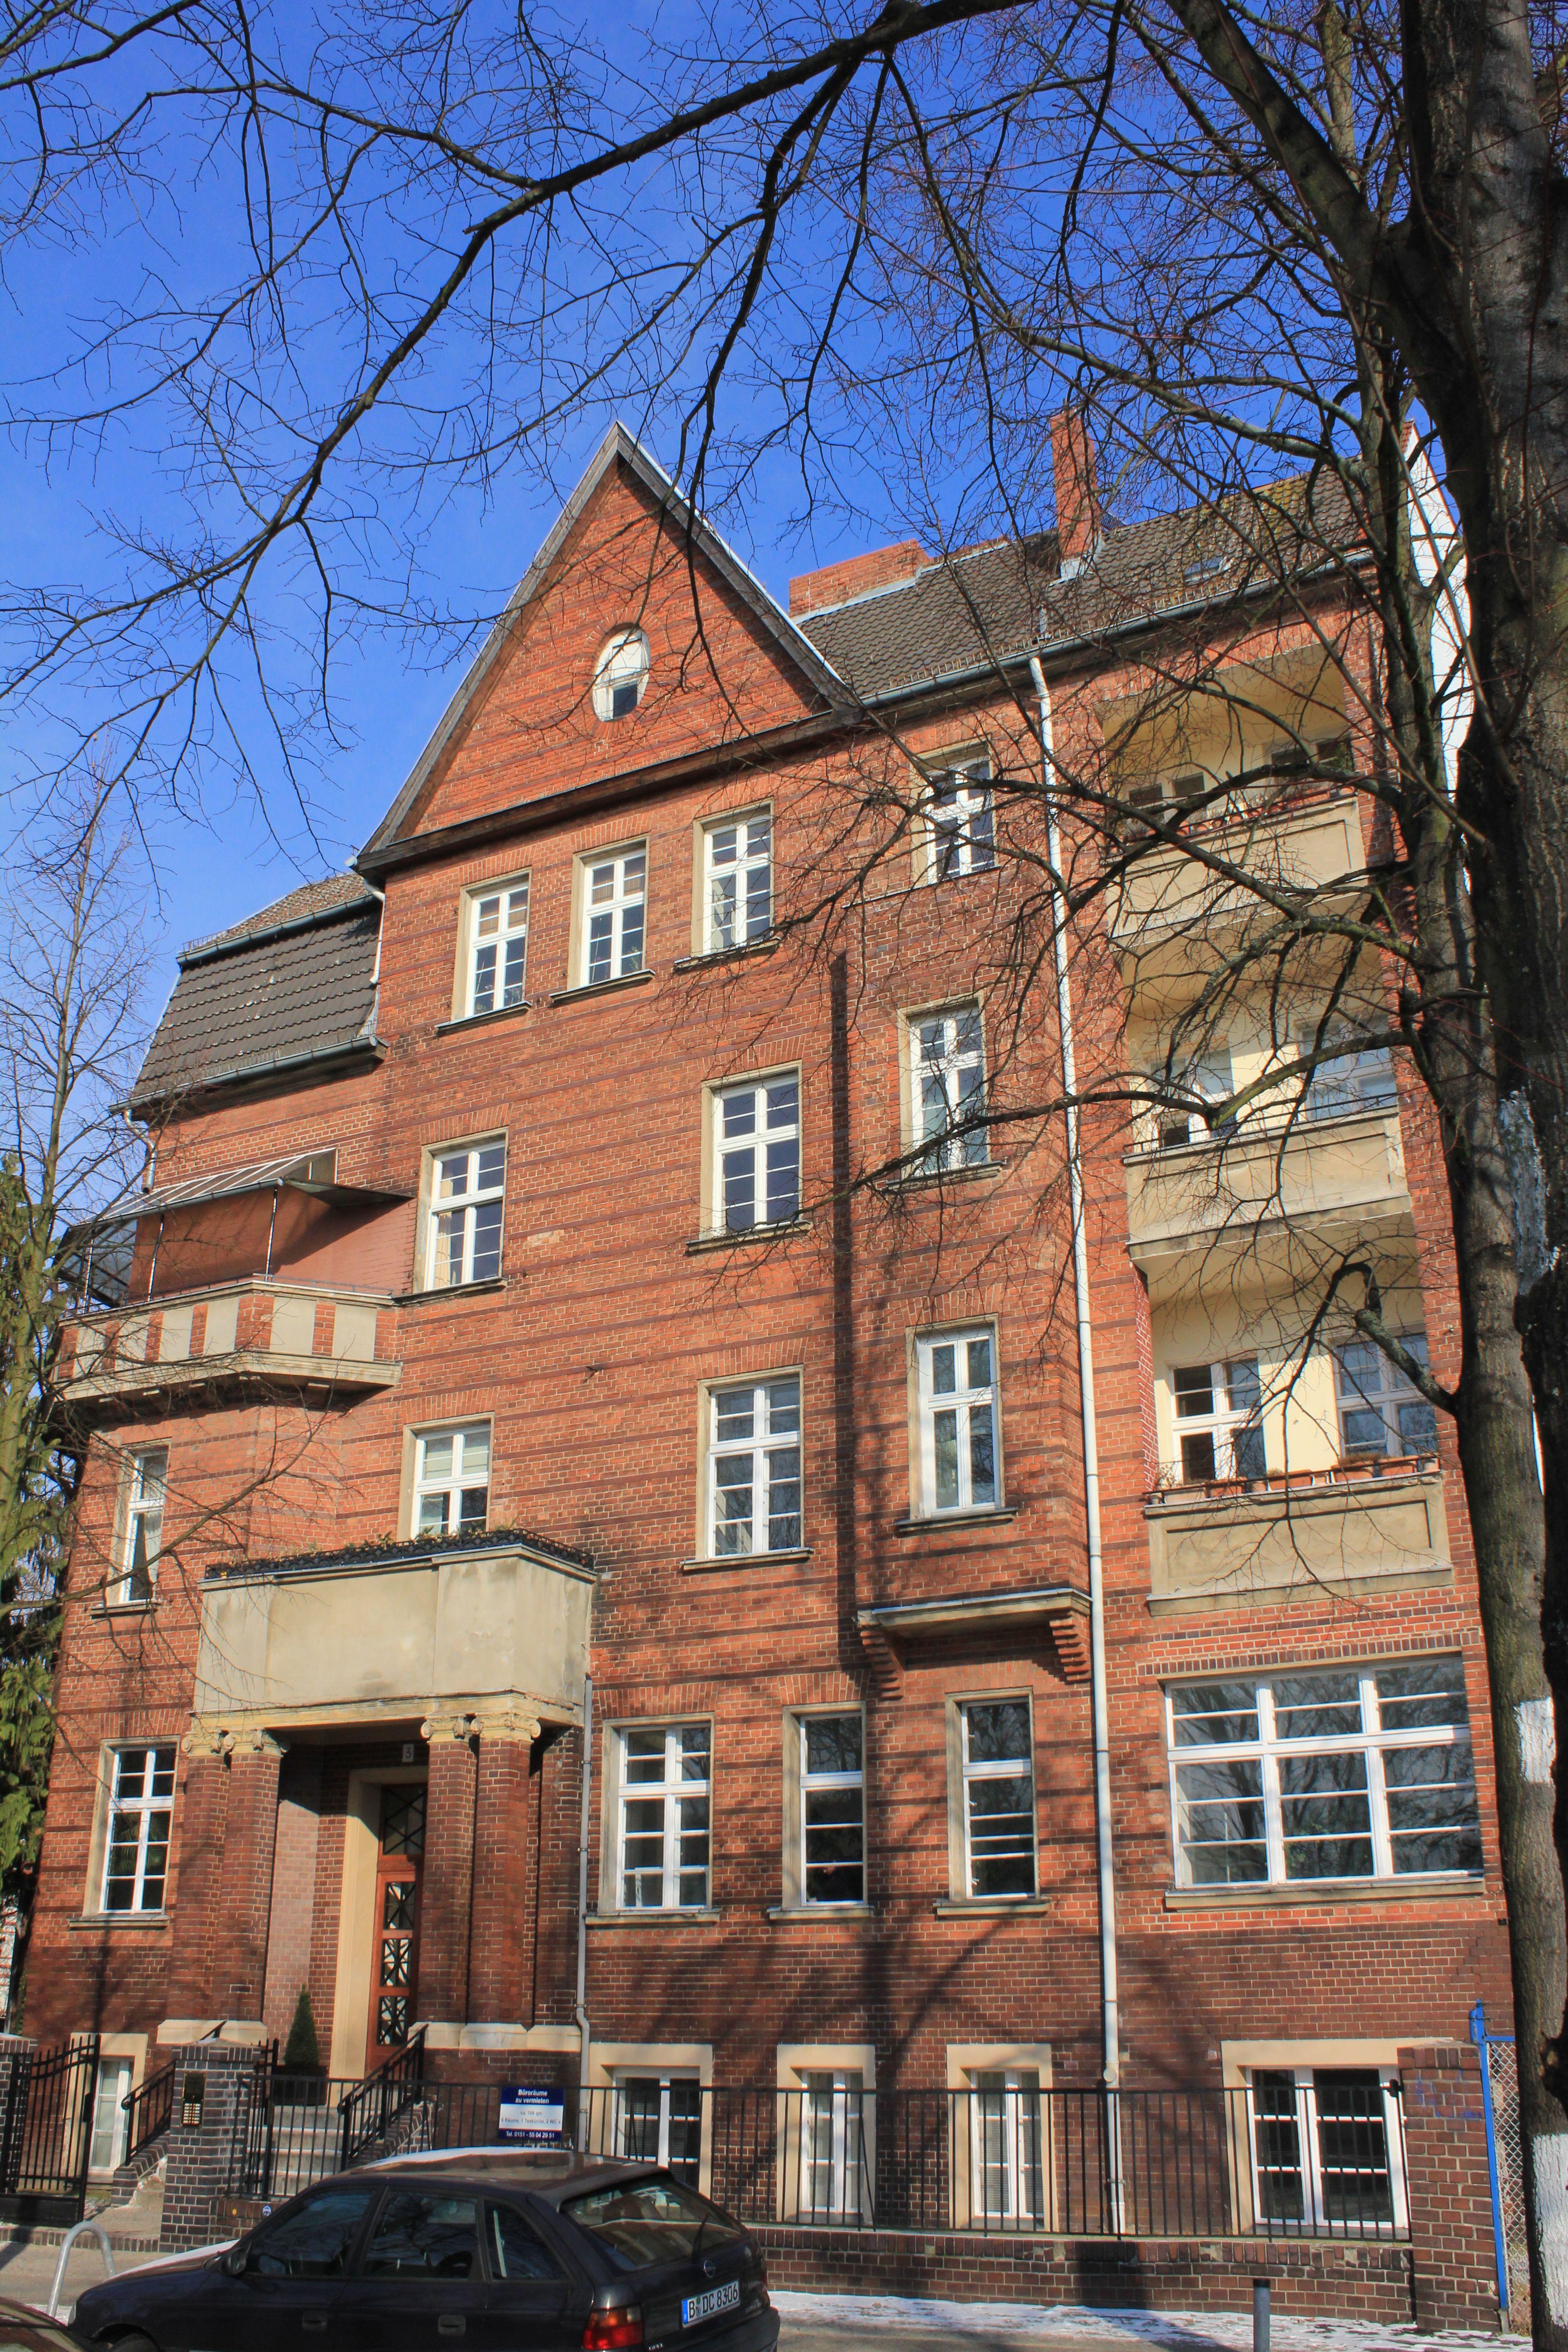 File09065411 Berlin Lankwitz Leonorenstrau00dfe 3 002.JPG - Wikimedia Commons